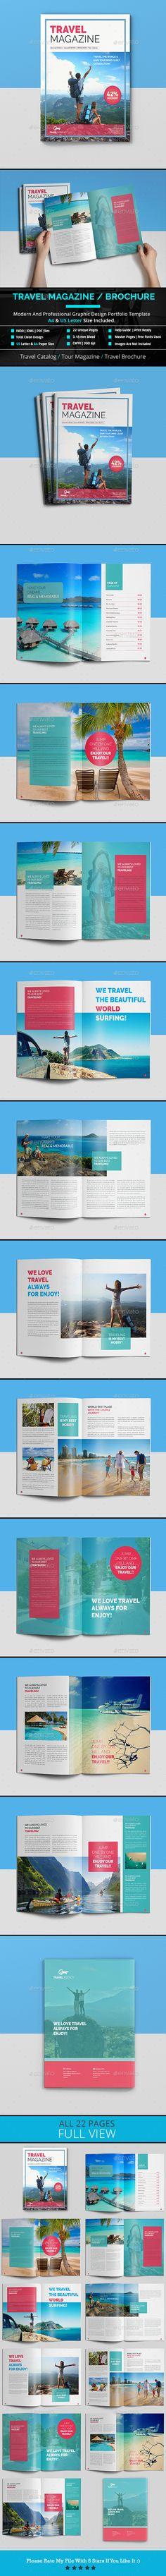 Travel Magazine / Cataloge Template PSD - 22 Unique Pages, A4 & US Letter Size